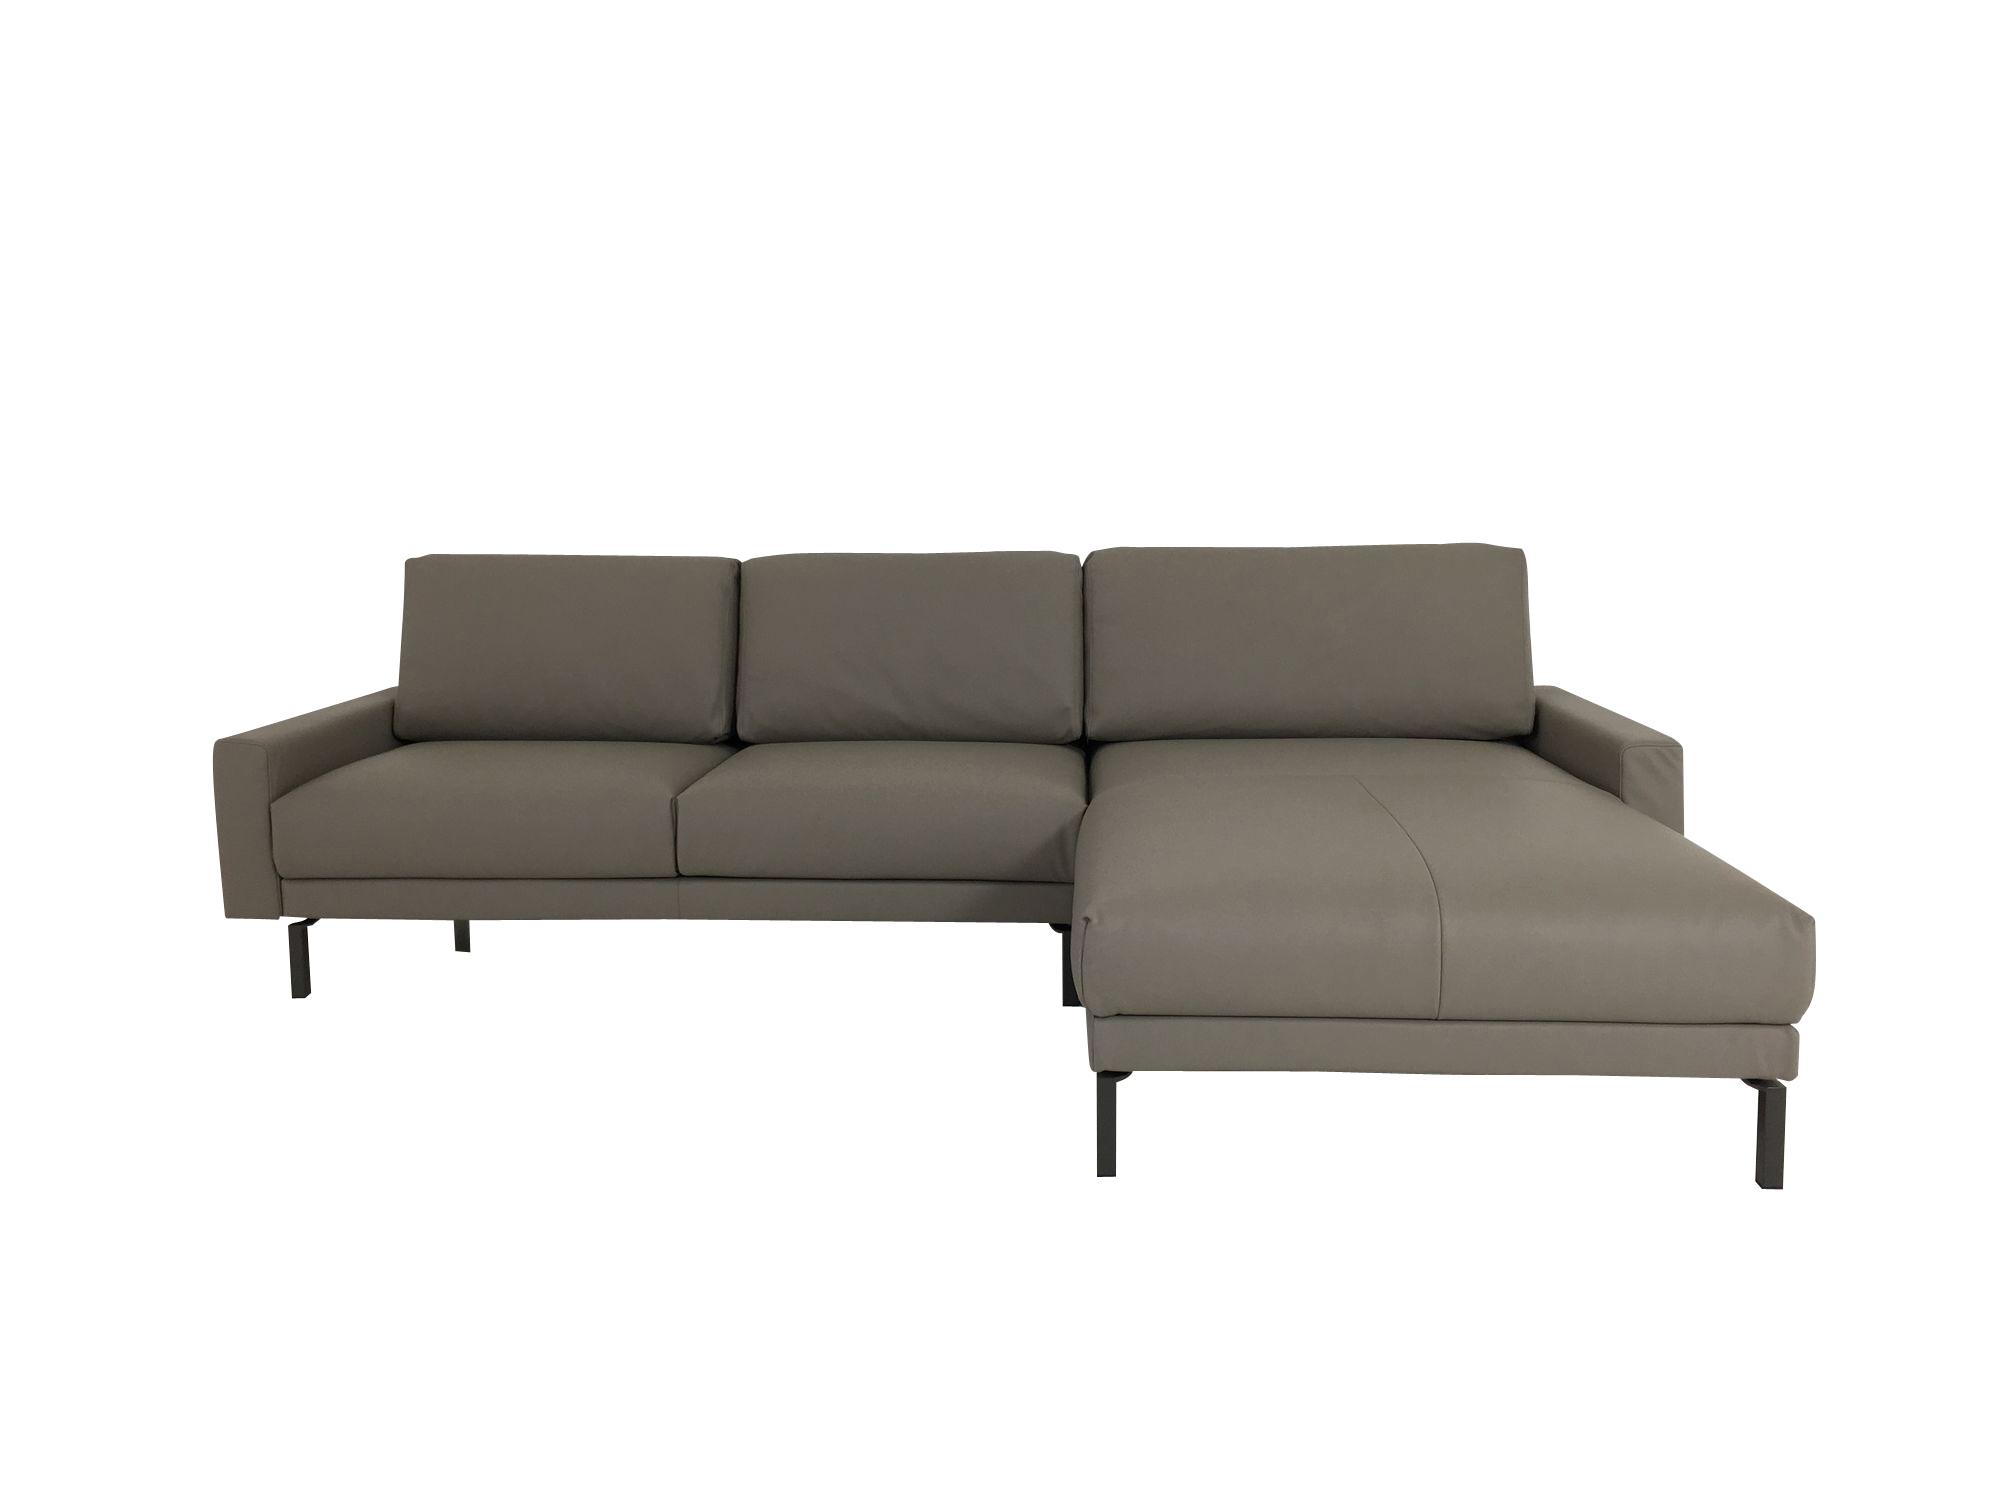 Hülsta Sofa hs 450 Sofa mit Recamiere in Leder Mark steingrau mit Quadratrohr Füssen in